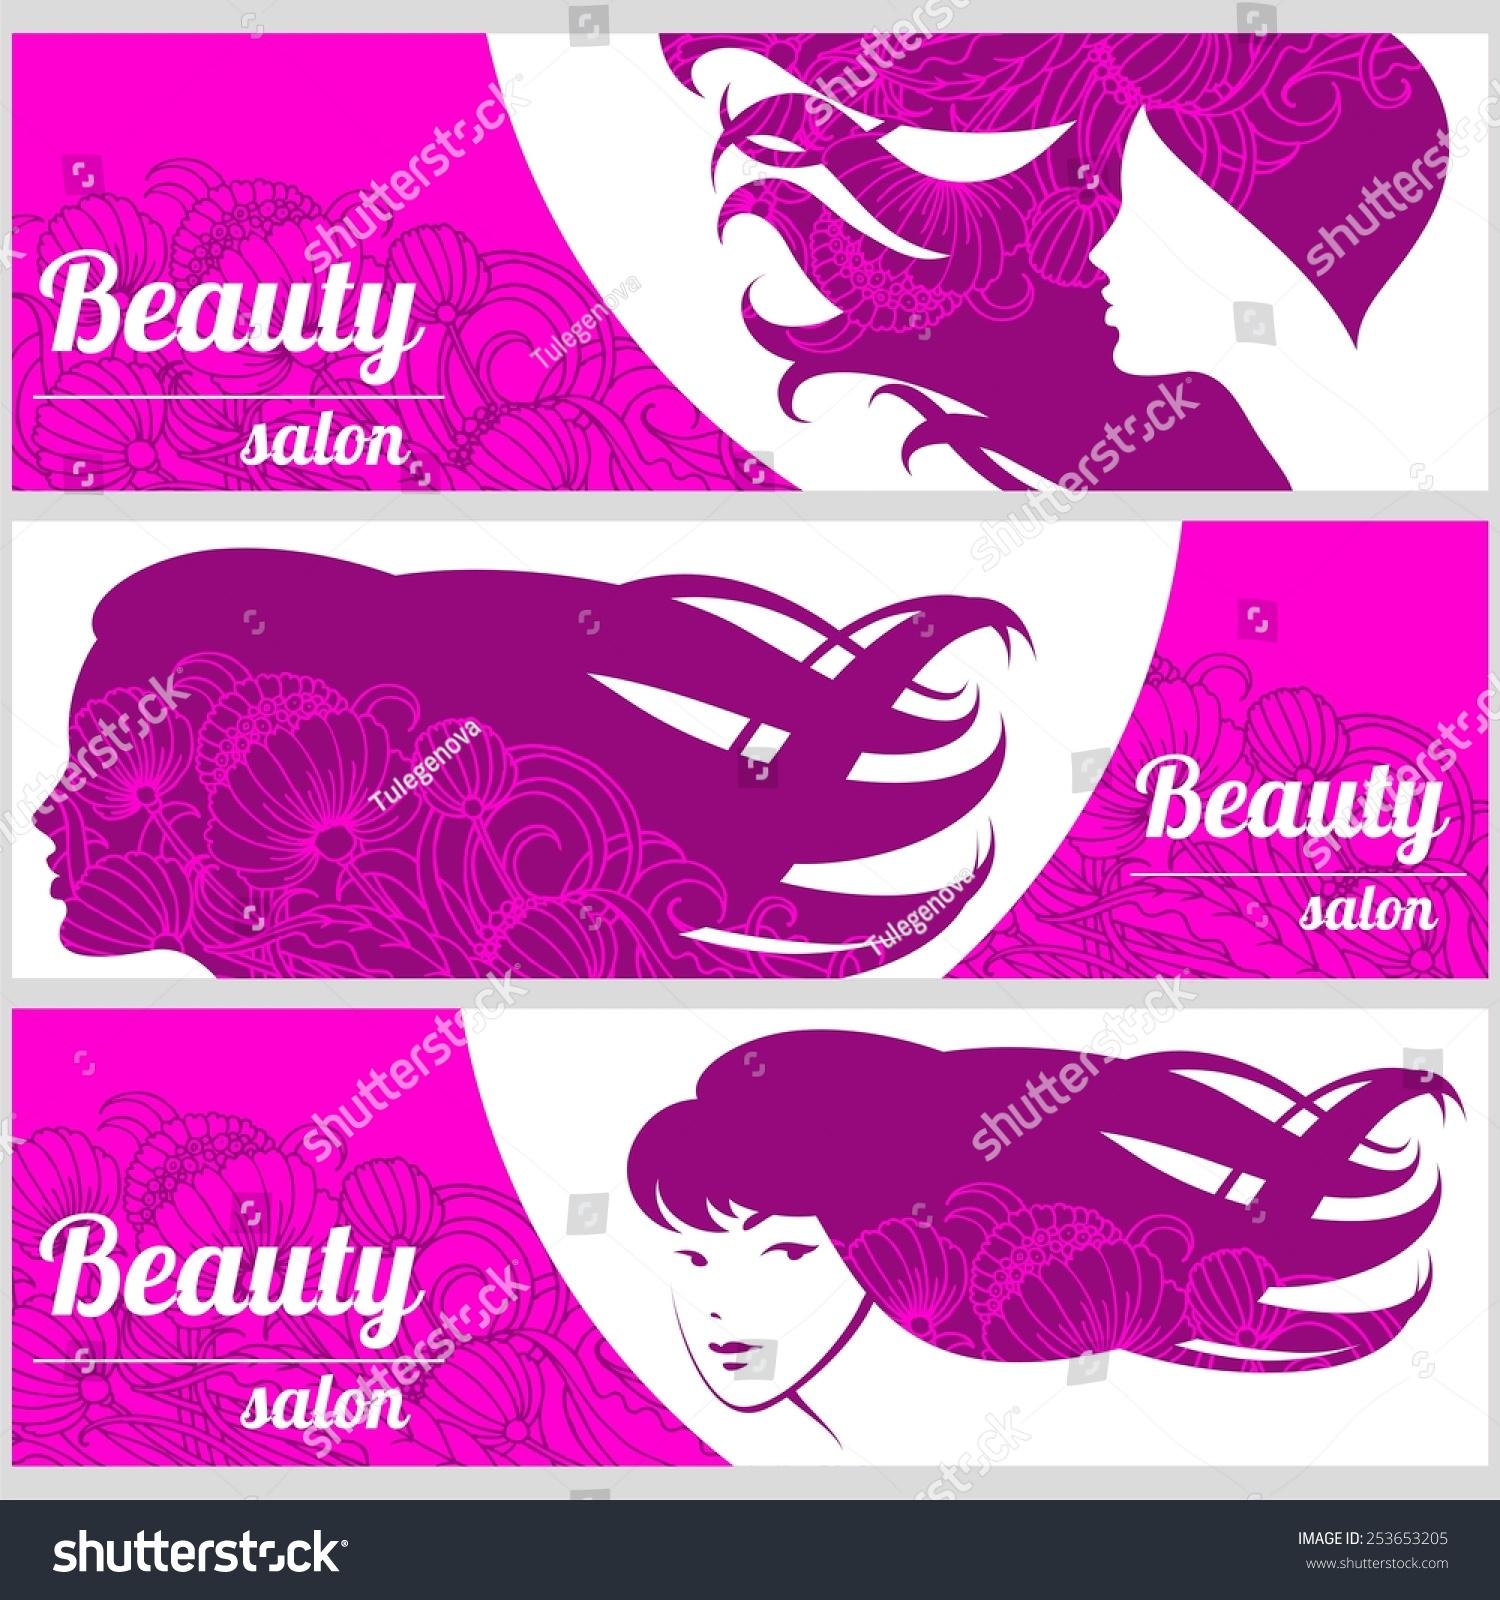 Design Business Card Hair Beauty Salon Stock Vector 253653205 ...